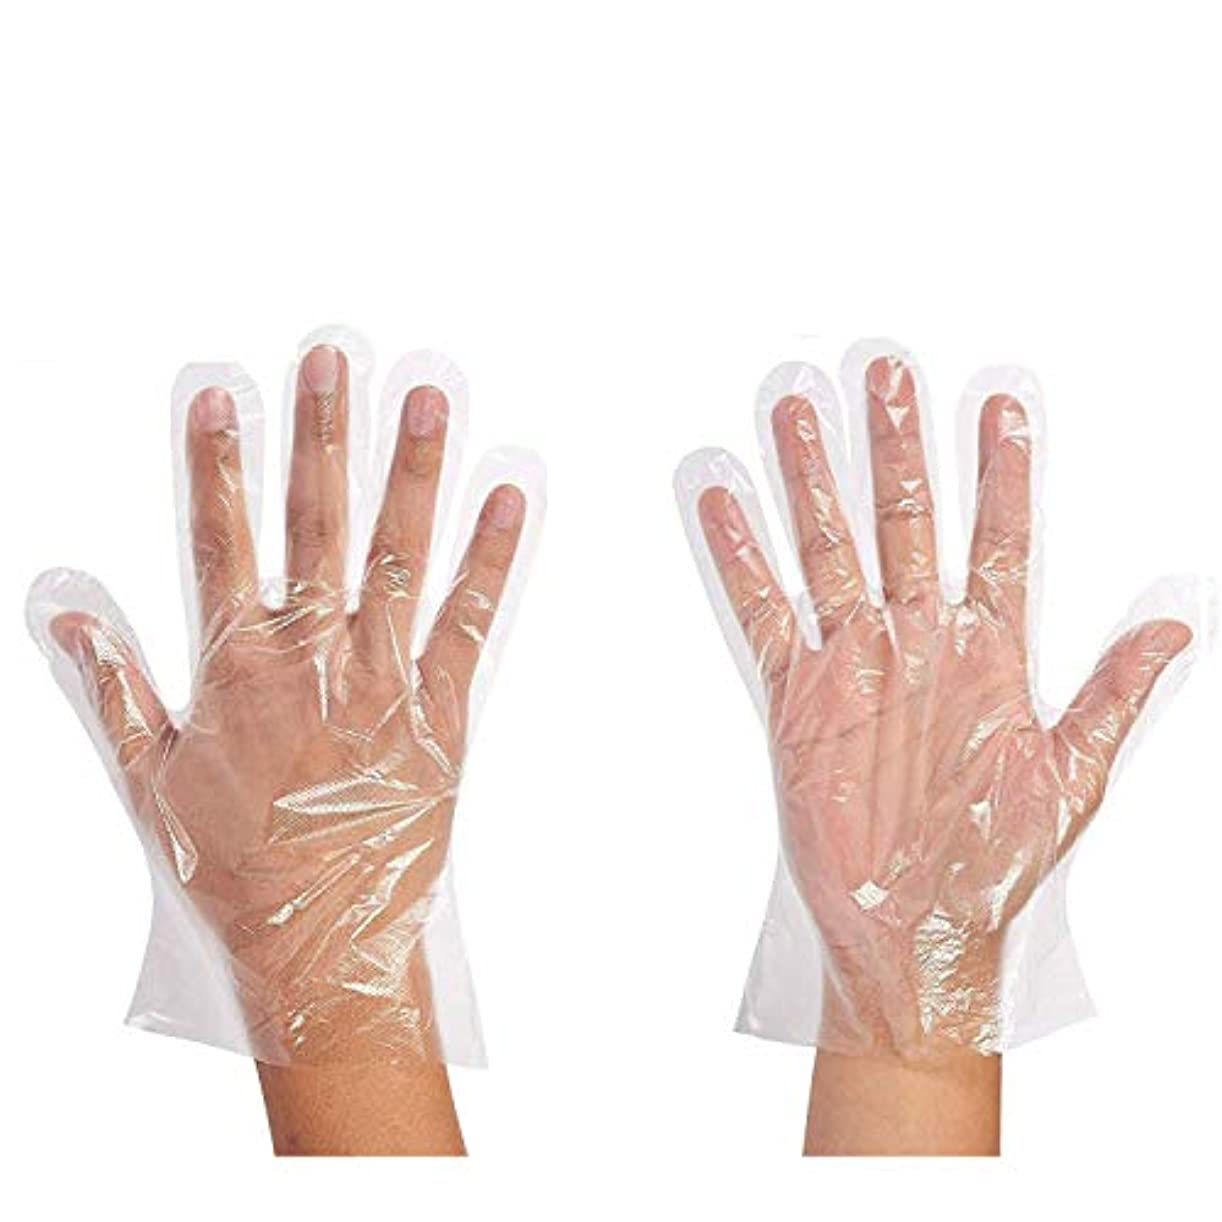 トークパールバット500枚セット使い捨て手袋 ポリエチレン 極薄ビニール手袋 実用 衛生 極薄手袋毛染めに 調理に お掃除に 透明